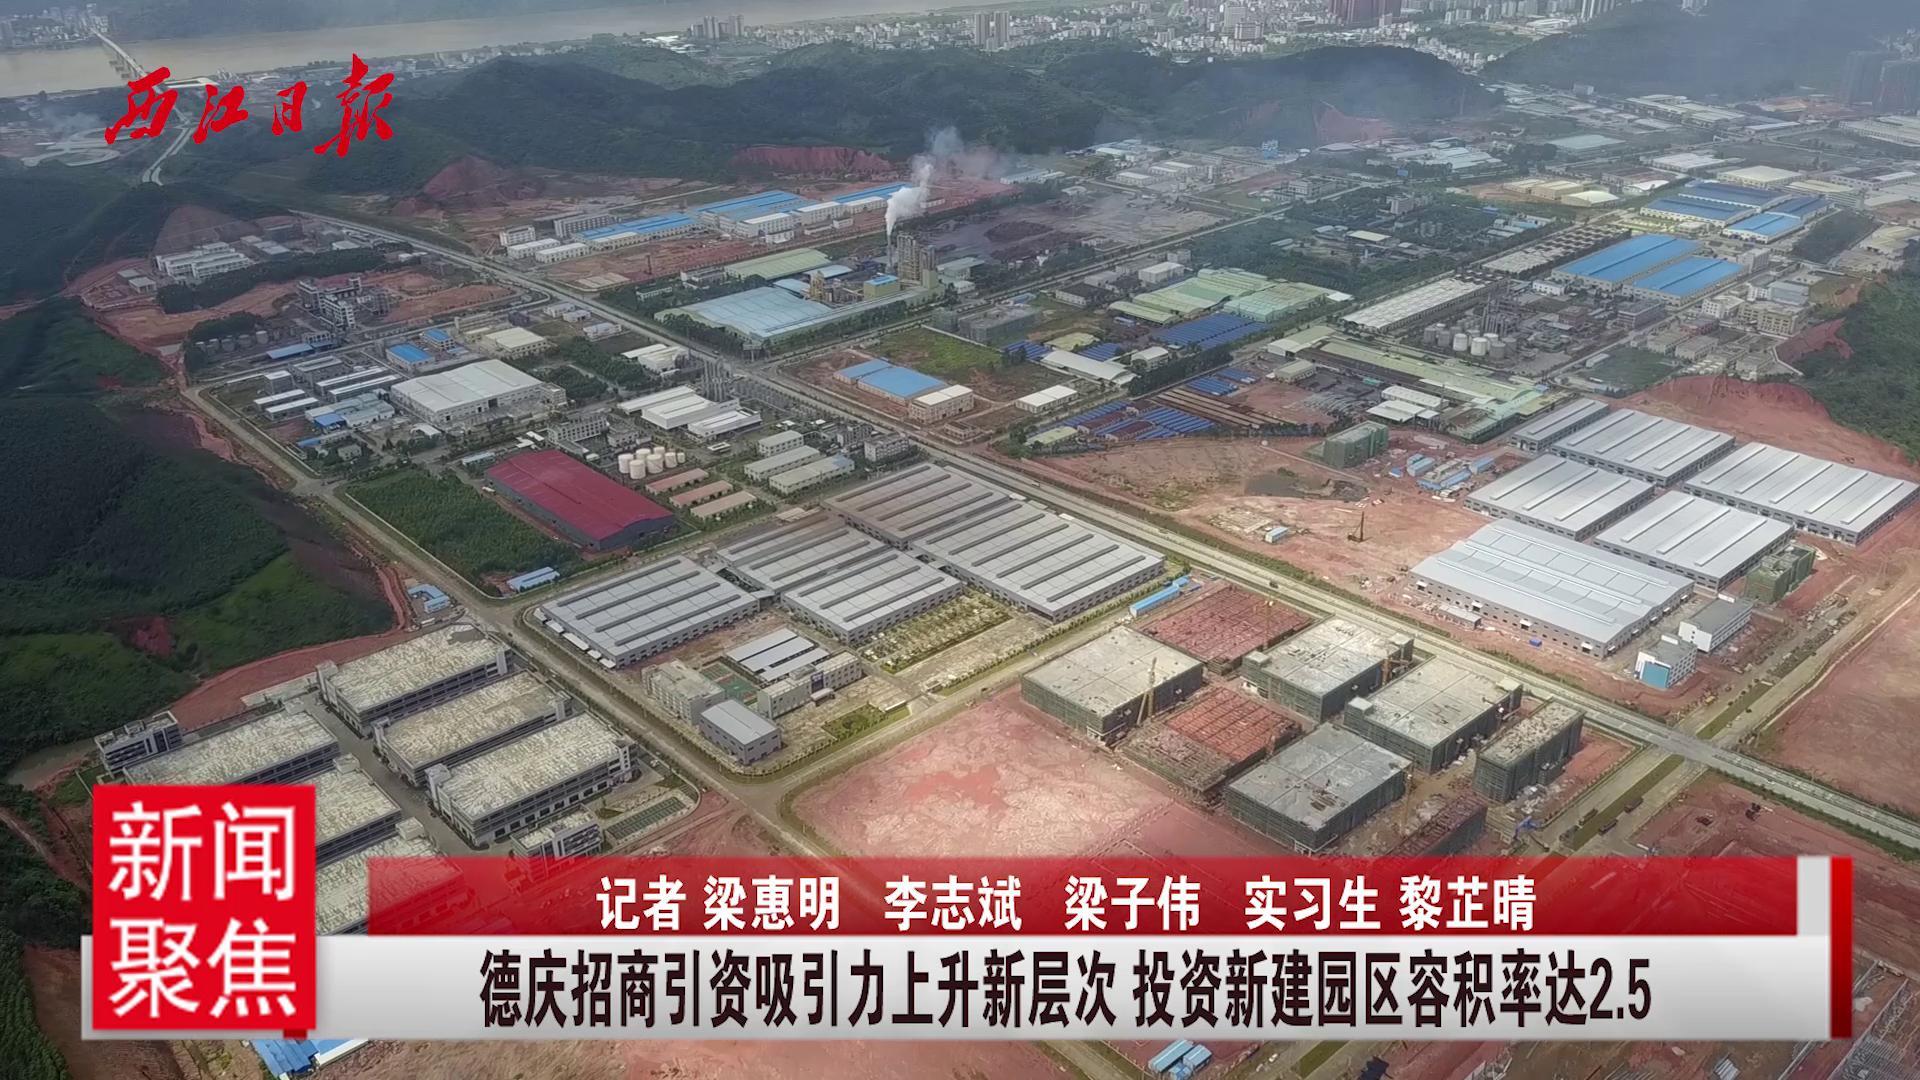 德慶招商引資吸引力上升新層次 投資新建園區容積率達2.5